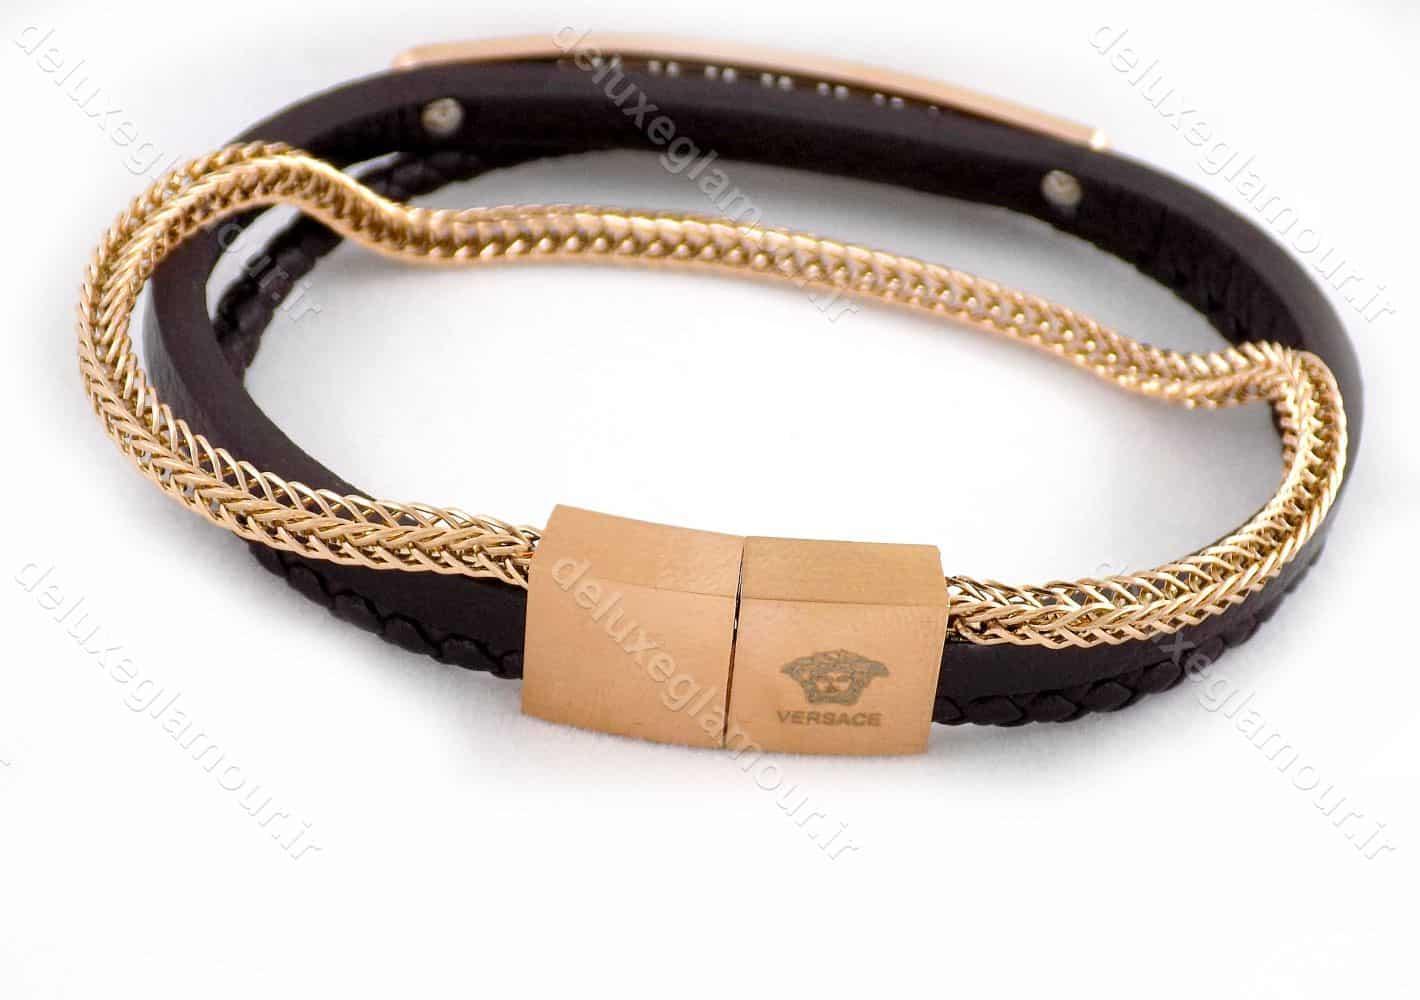 دستبند مردانه چرم سه لاینه زنجیری با رویه استیل رنگ رزگلد ds-n189 از نمای پشت